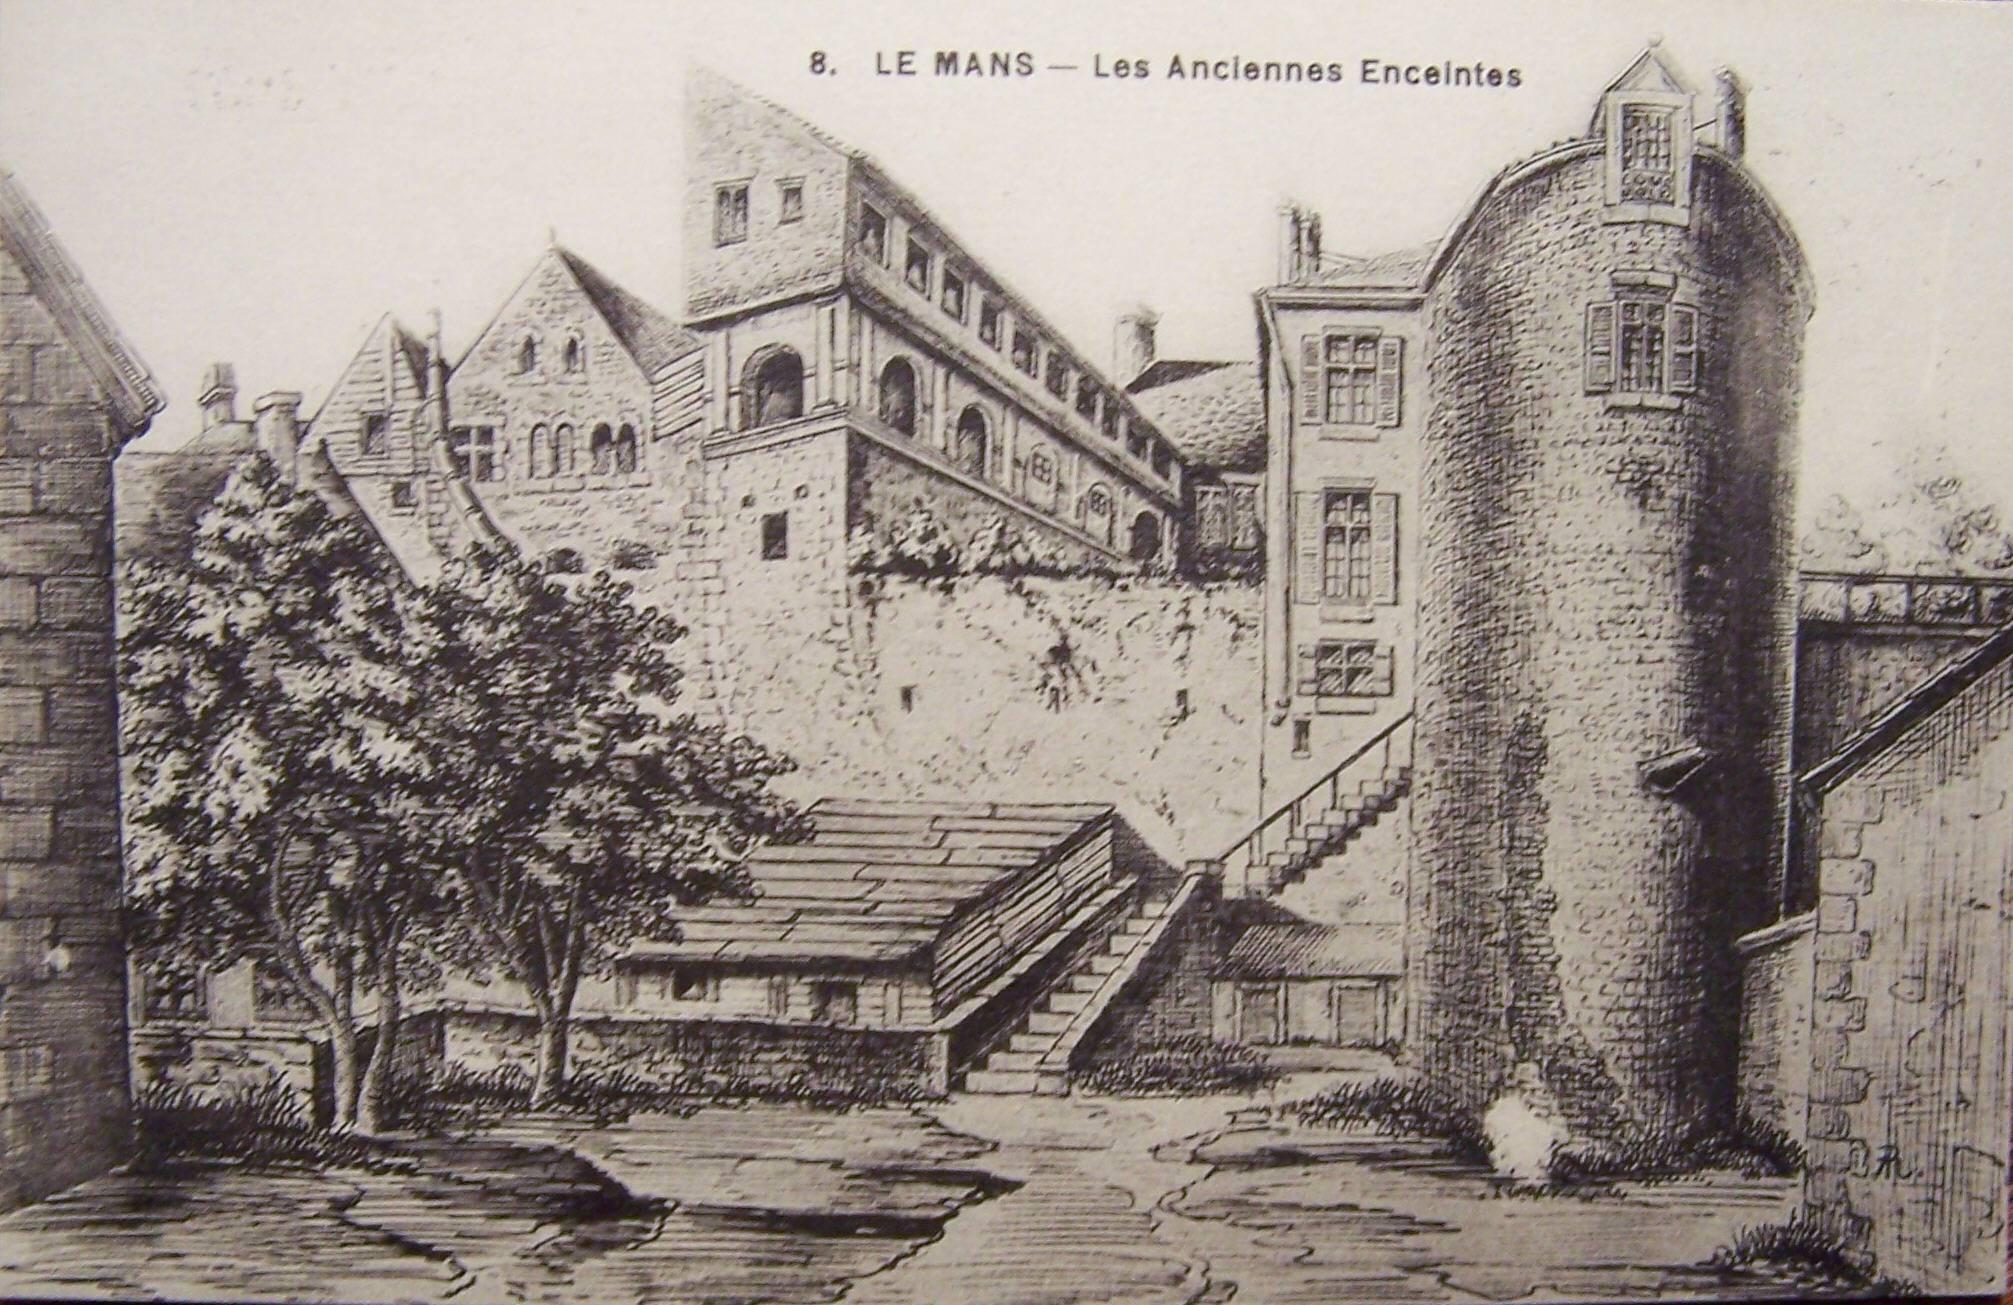 Le Vieux Mans - L'enceinte romaine - Les Anciennes Enceintes 02